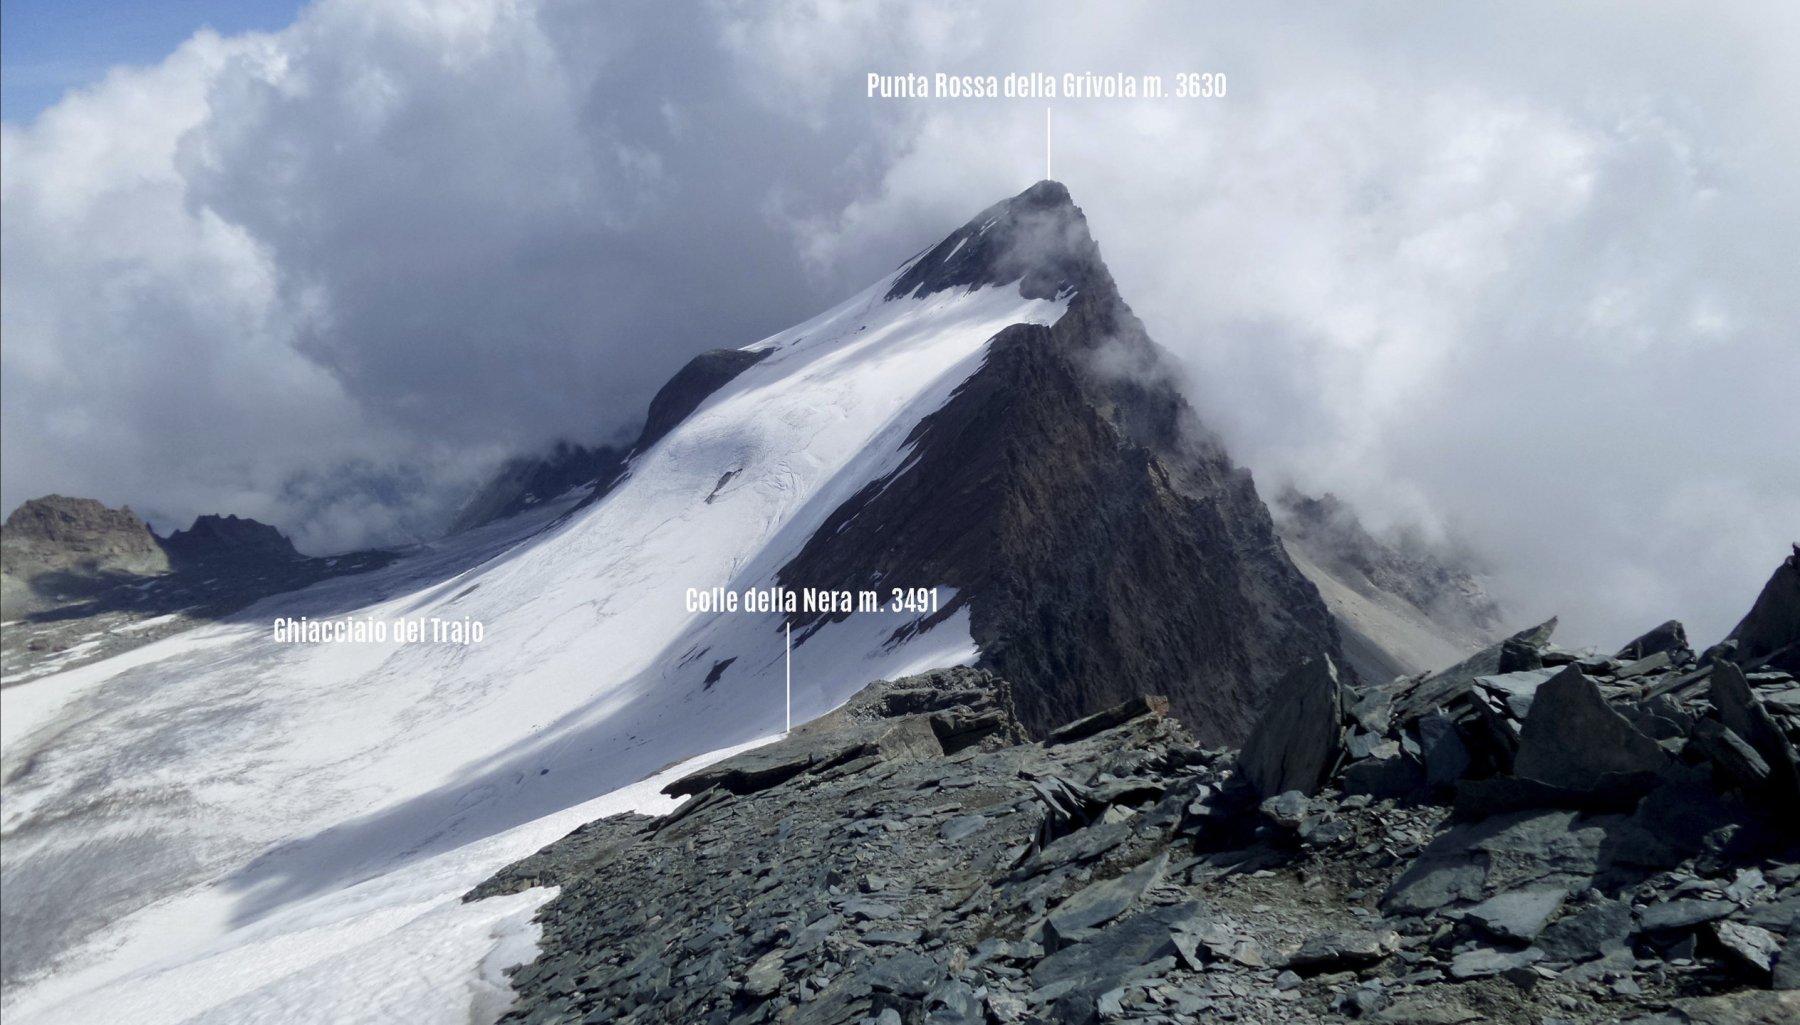 la cresta risalita, il Colle della Nera e la Punta Rossa viste dalla cima